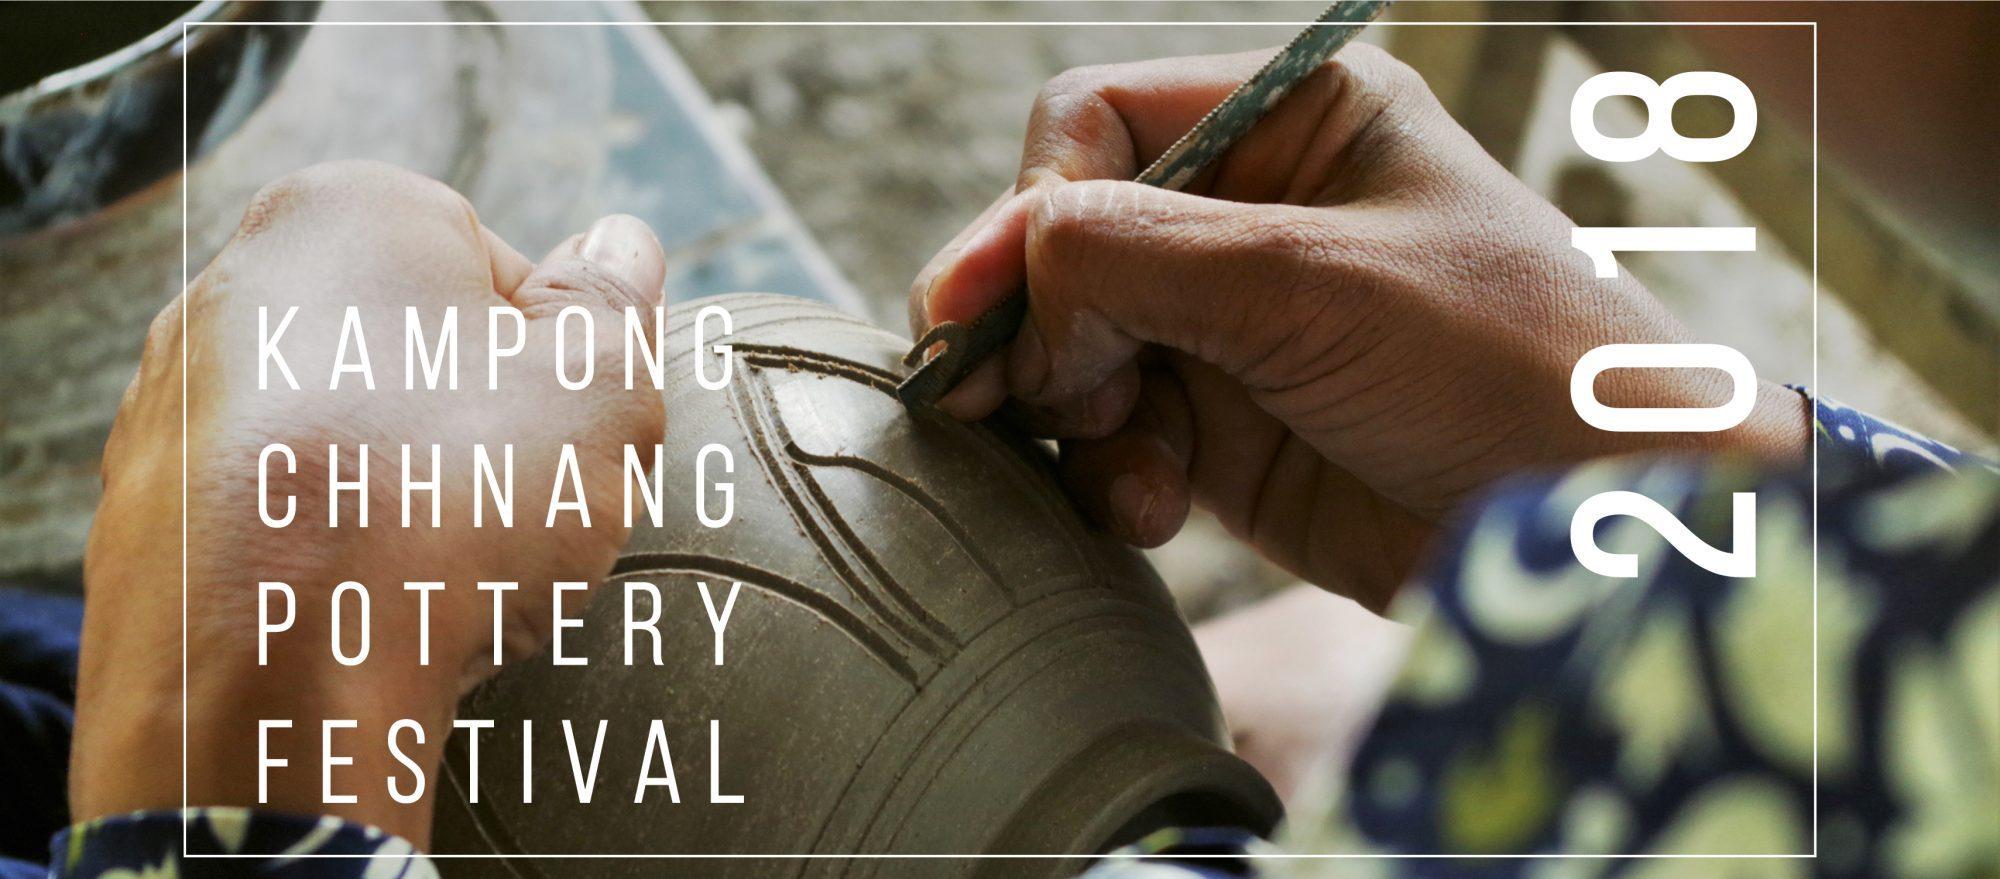 今年も陶器市が開催されます!【ニョニュムショップ便りvol.10】